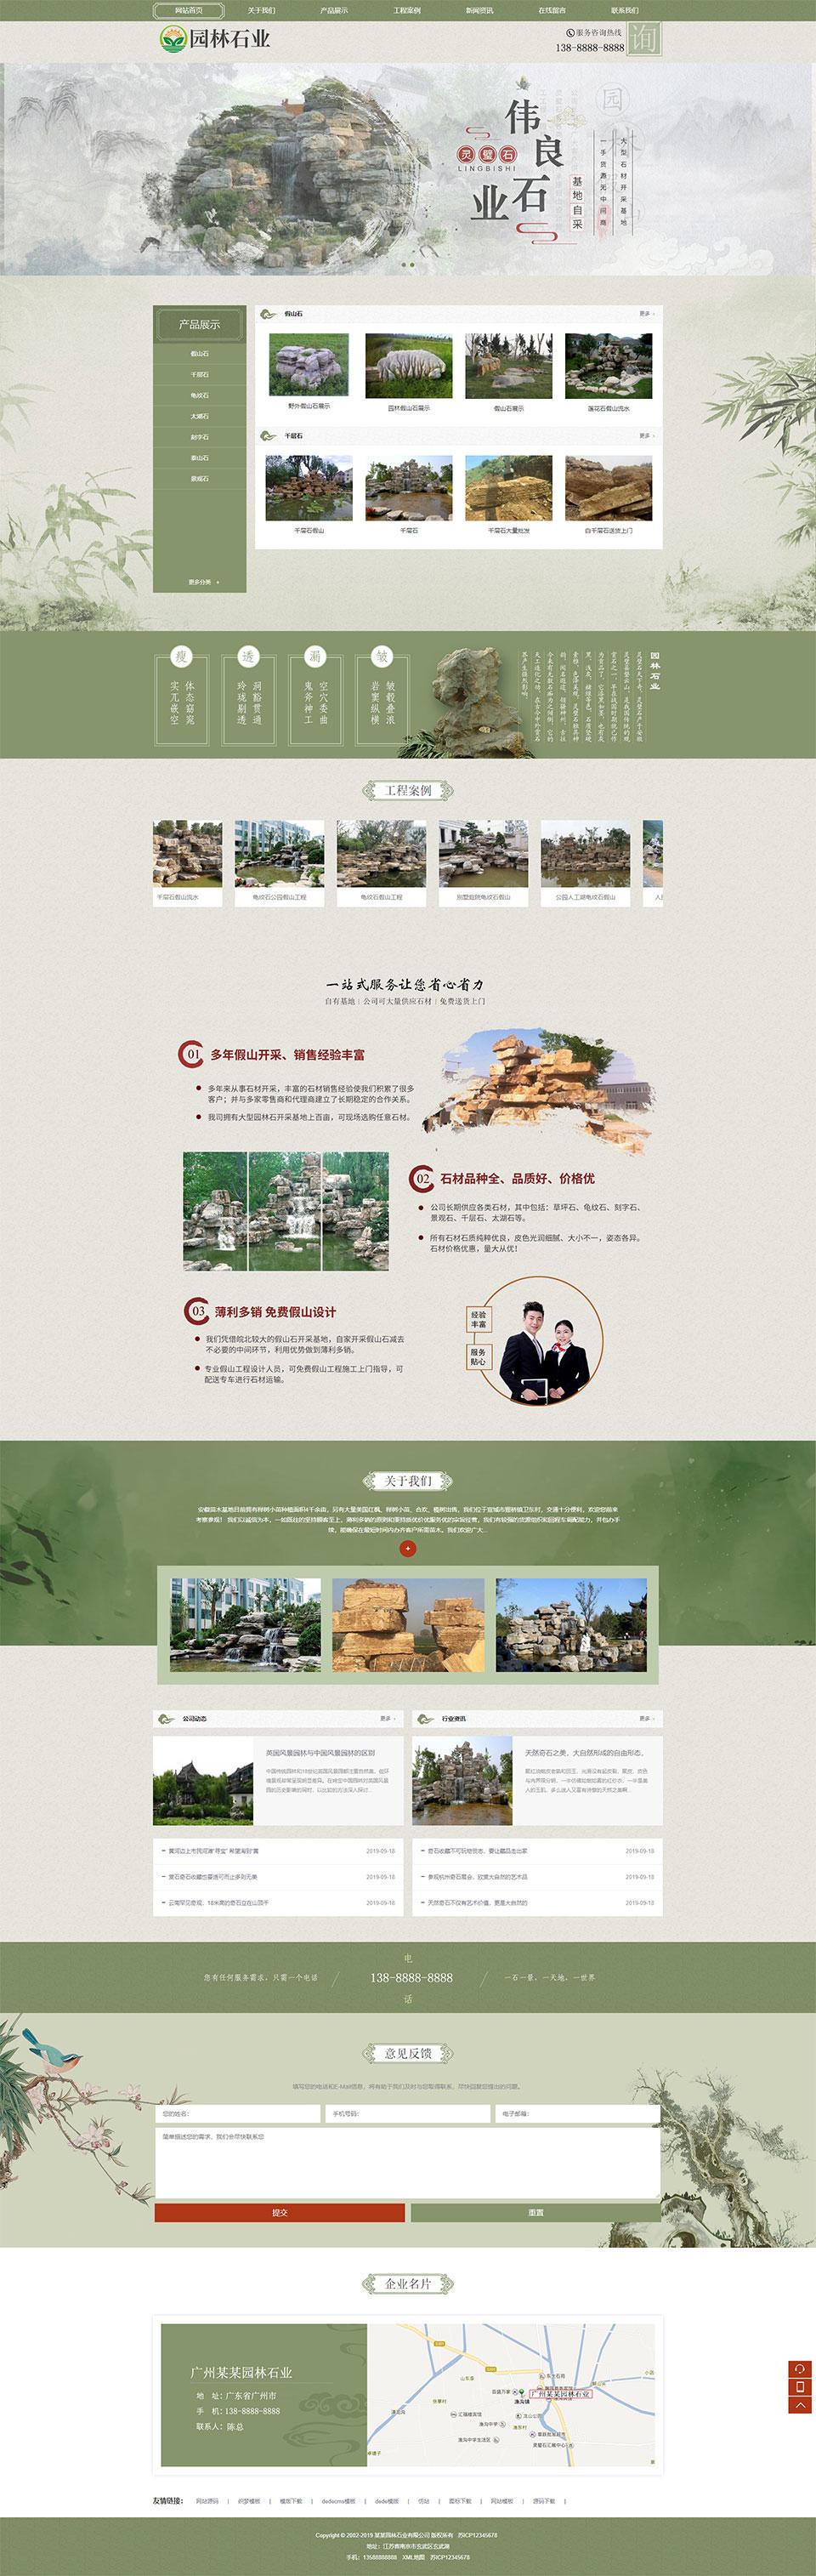 中国风古水墨风格典园林艺术石业织梦模板下载